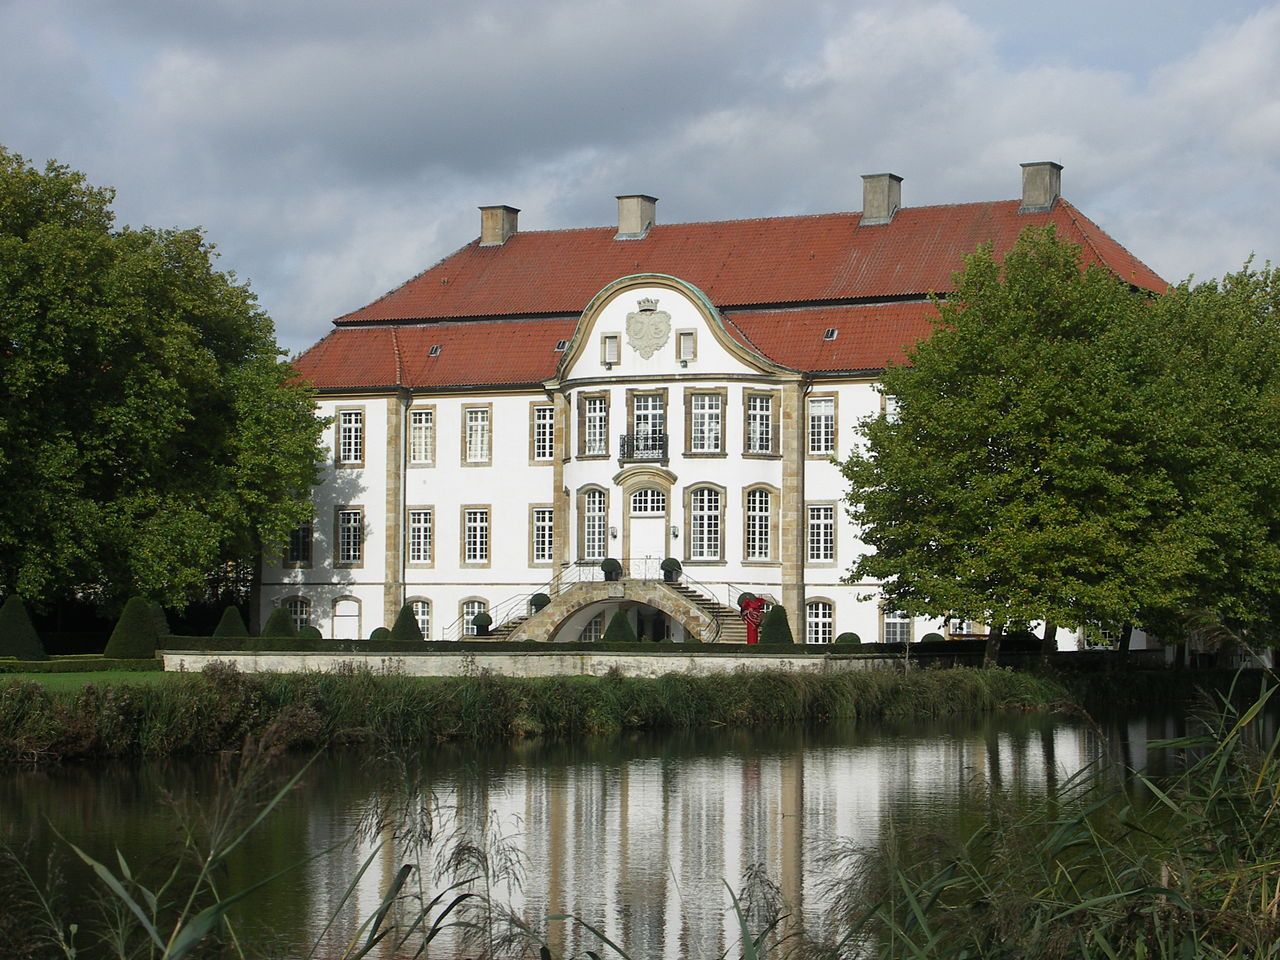 Bild Schloss Harkotten Sassenberg